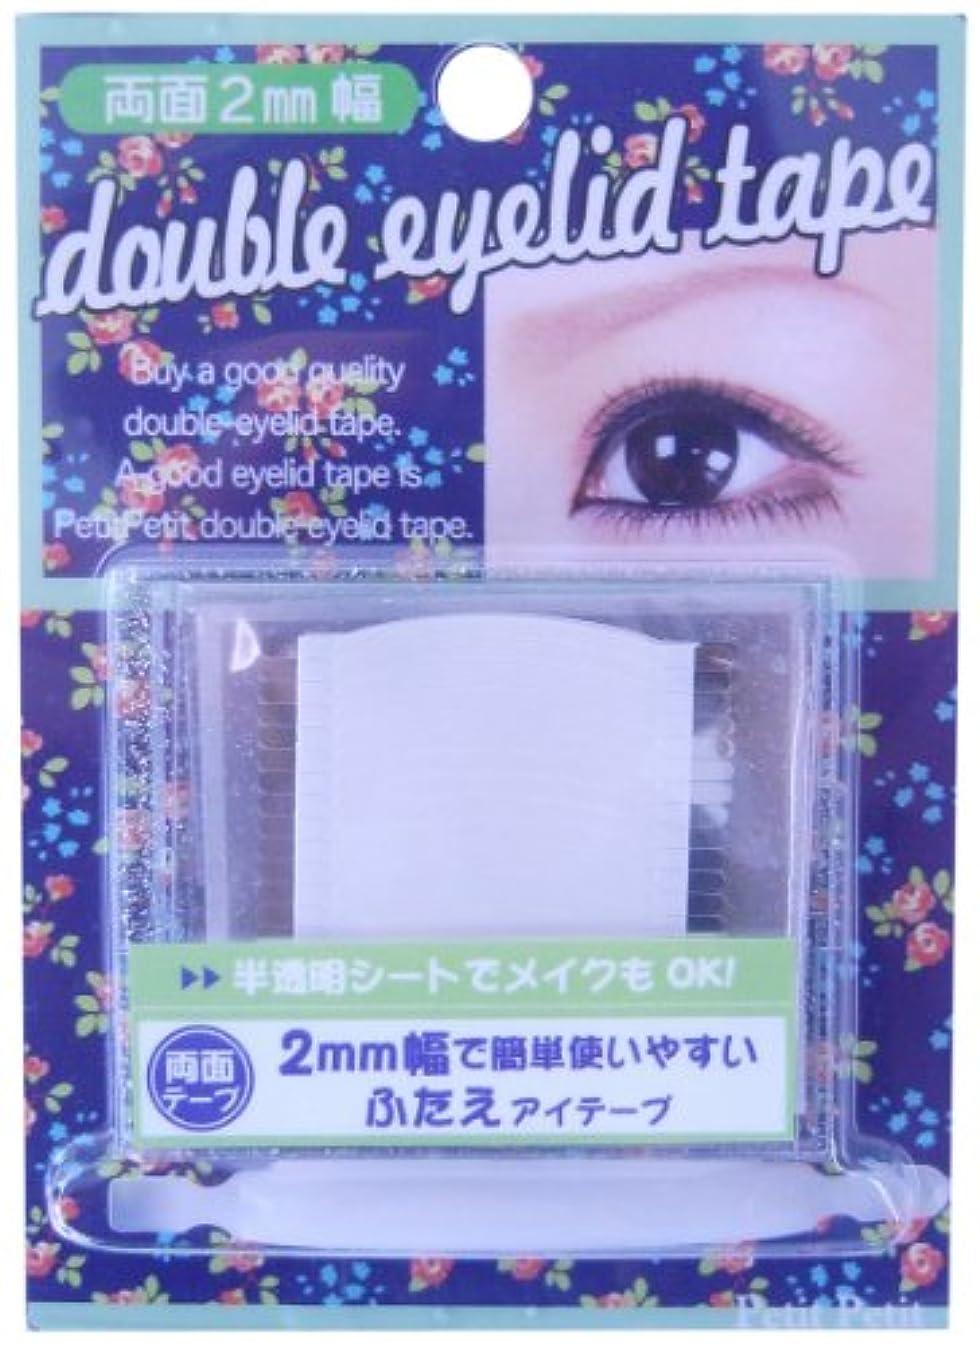 一般的な申請者によるとPetit Petit ダブルアイリッドテープ両面2mm幅